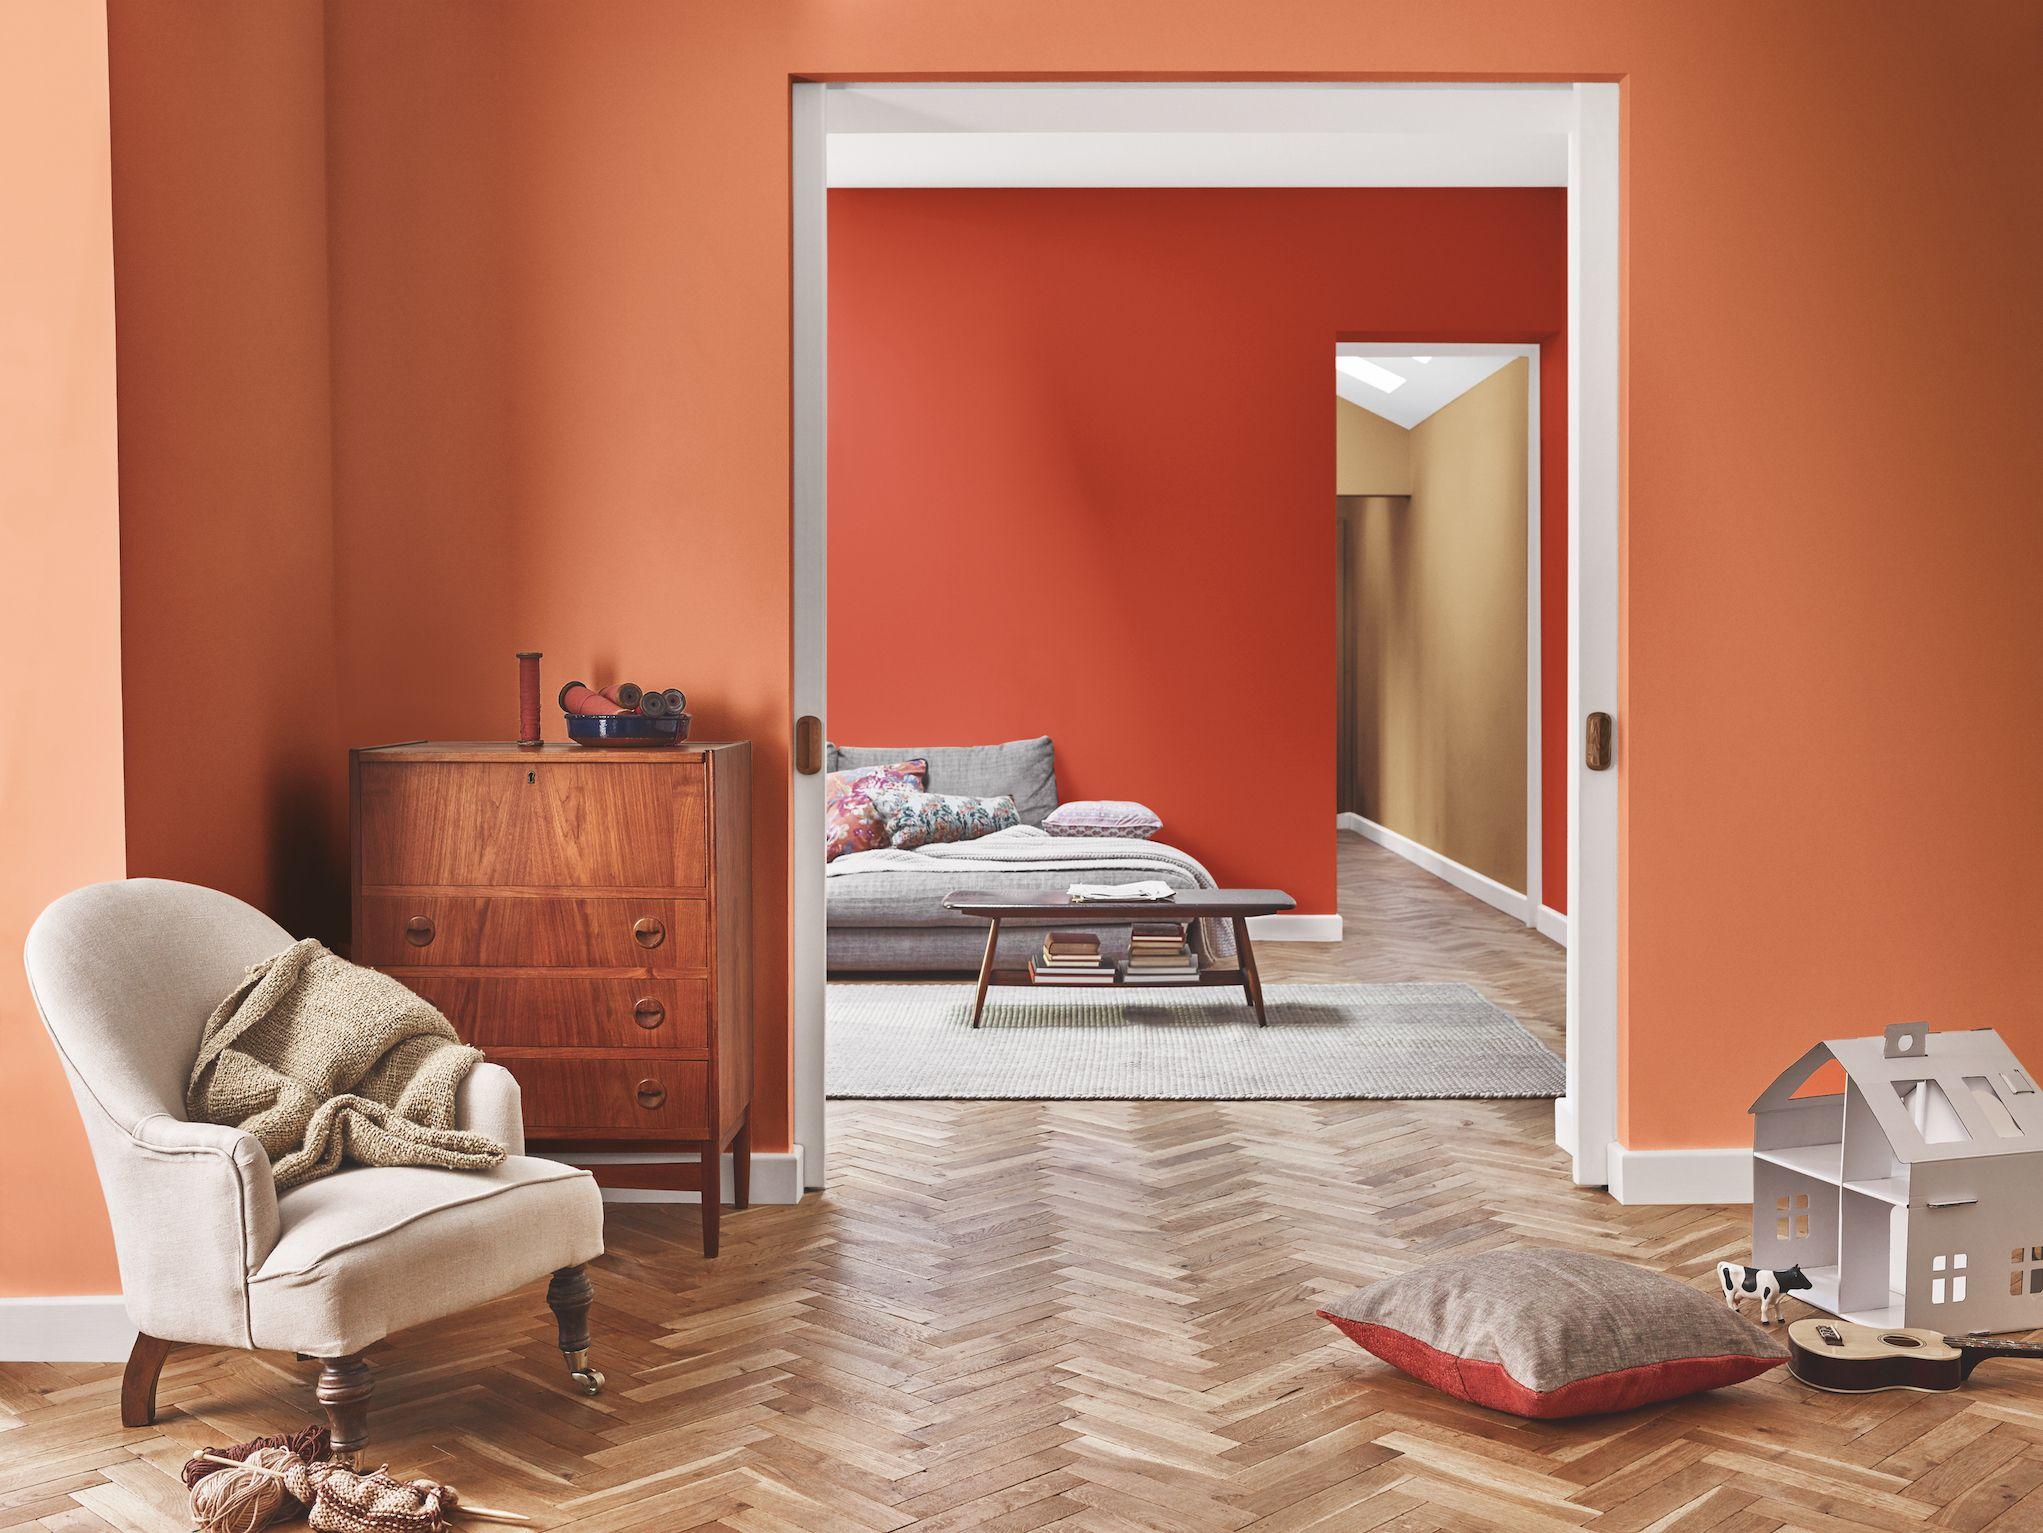 8 Beautiful Colour Schemes For A Cosy Home - Dulux Paint Colours